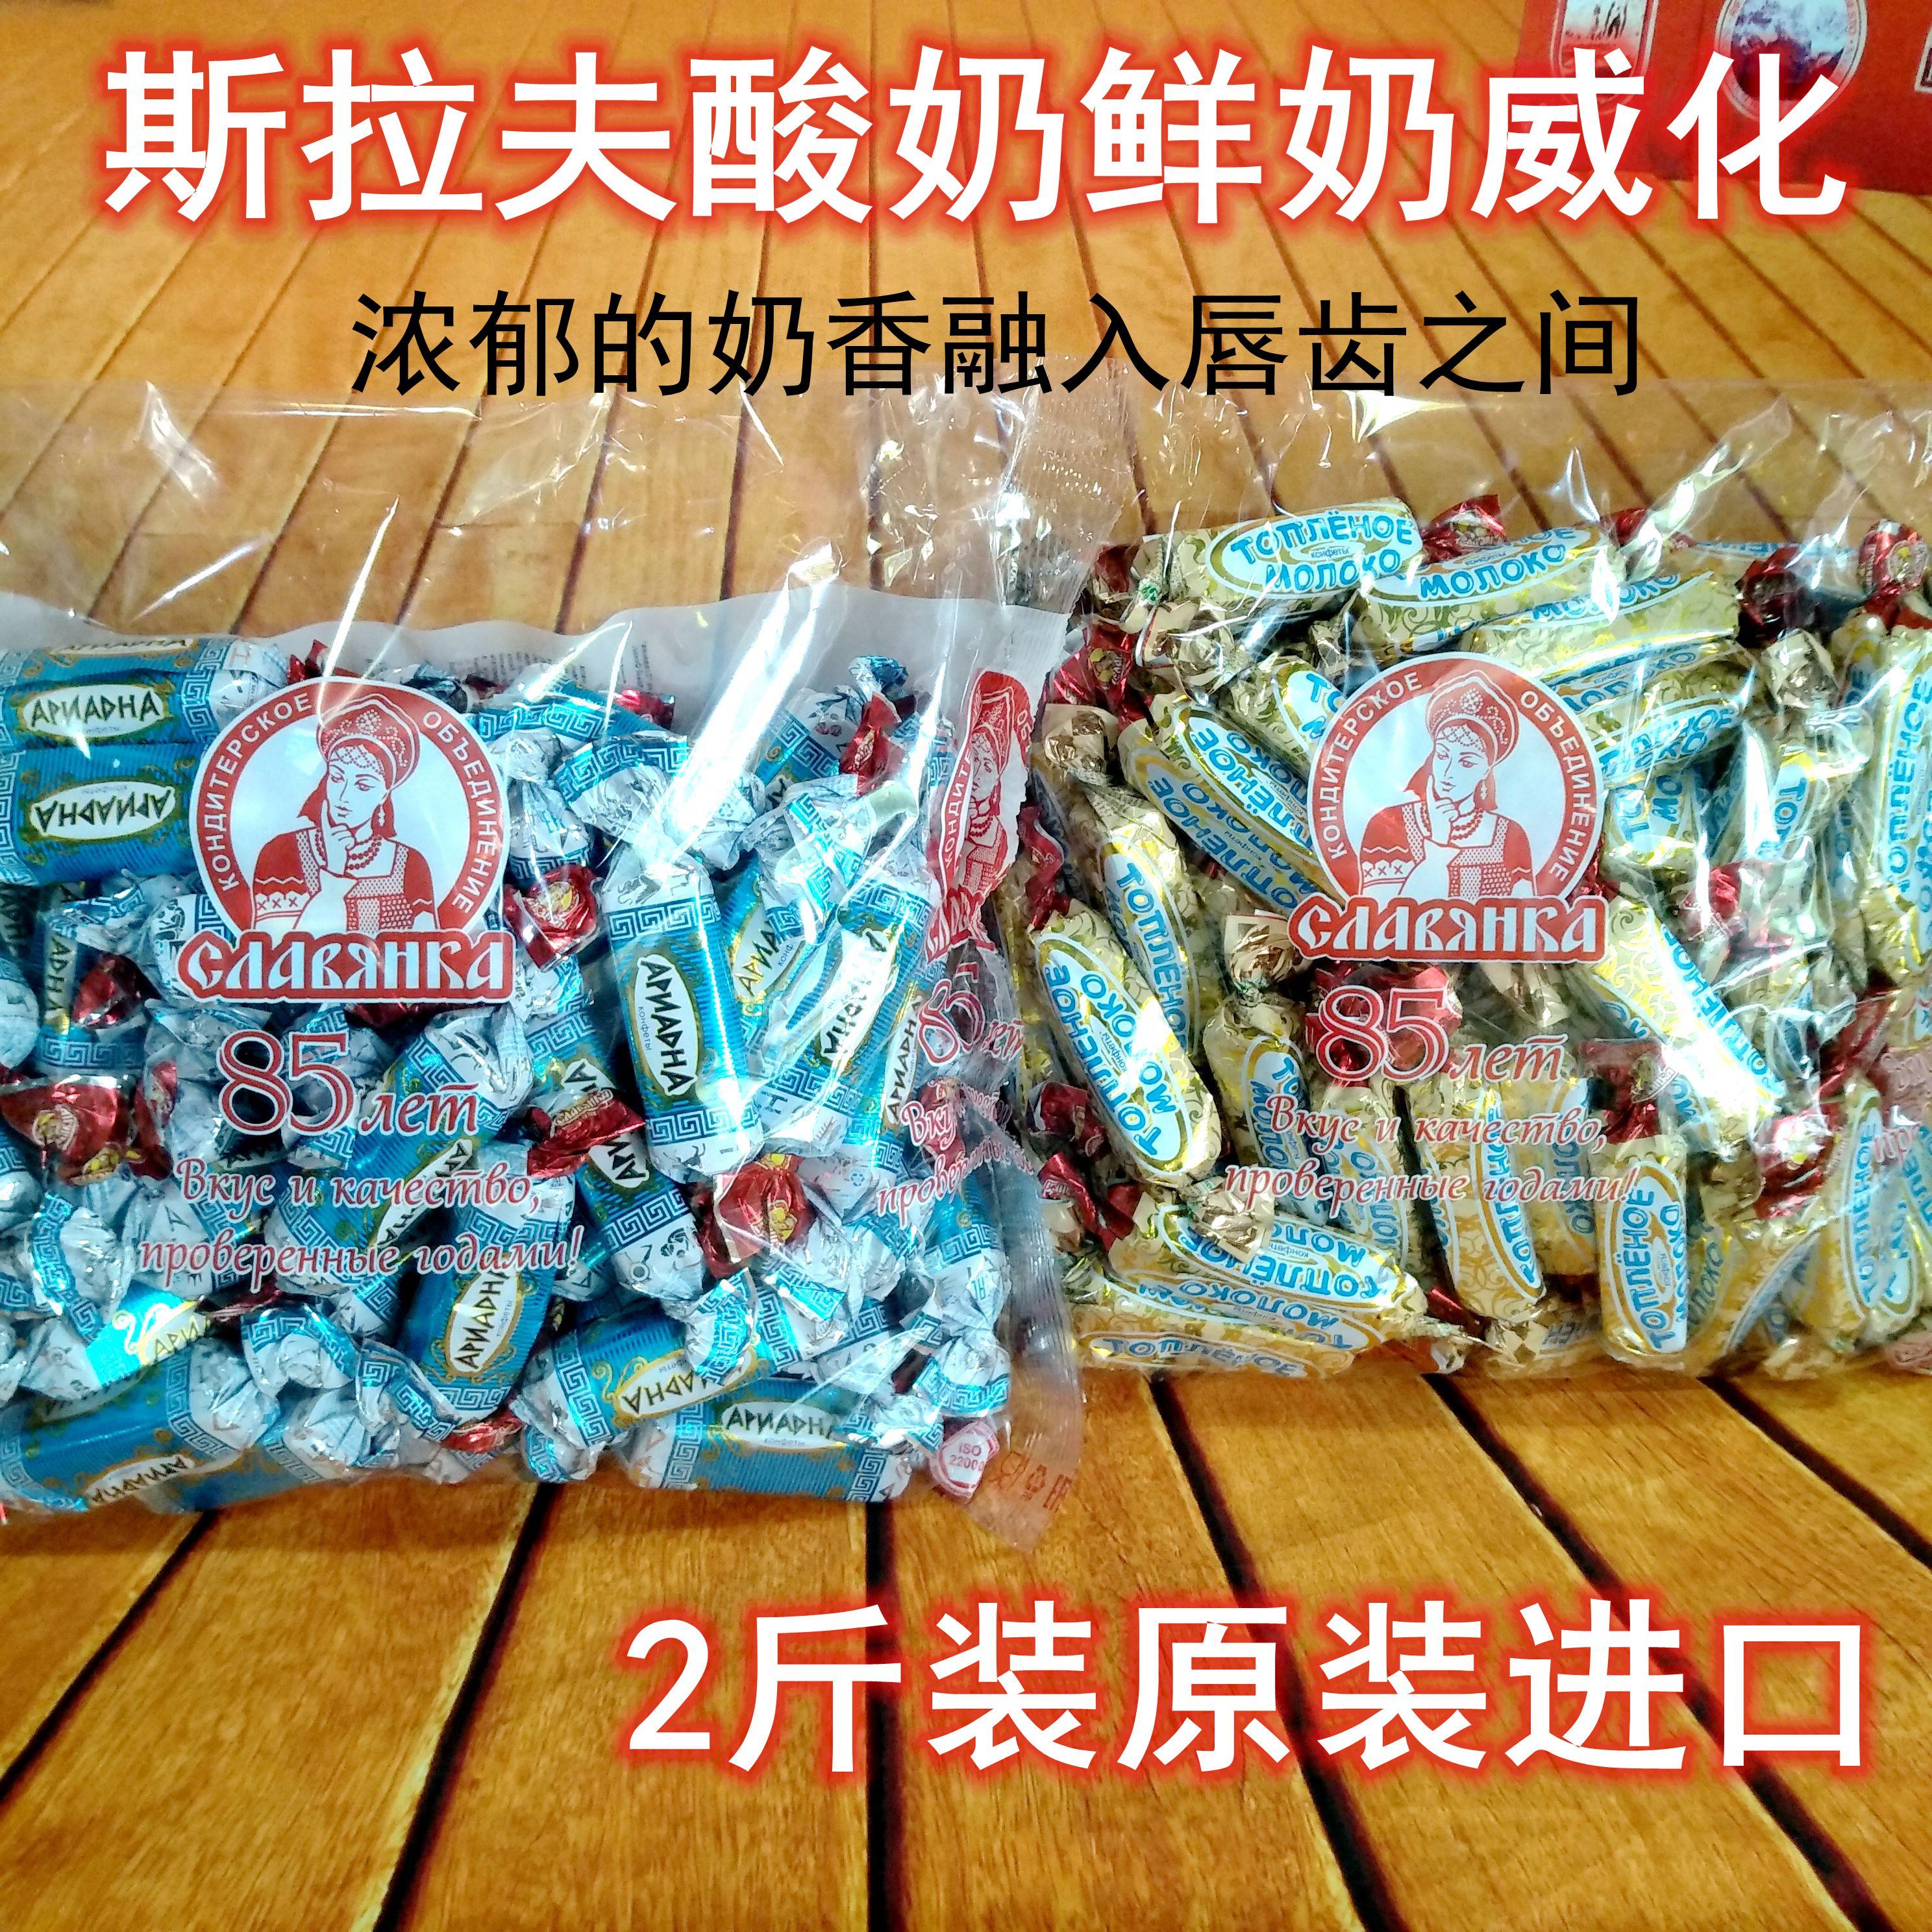 俄罗斯进口斯拉夫鲜奶酸奶威化糖网红巧克力糖果休闲零食喜糖